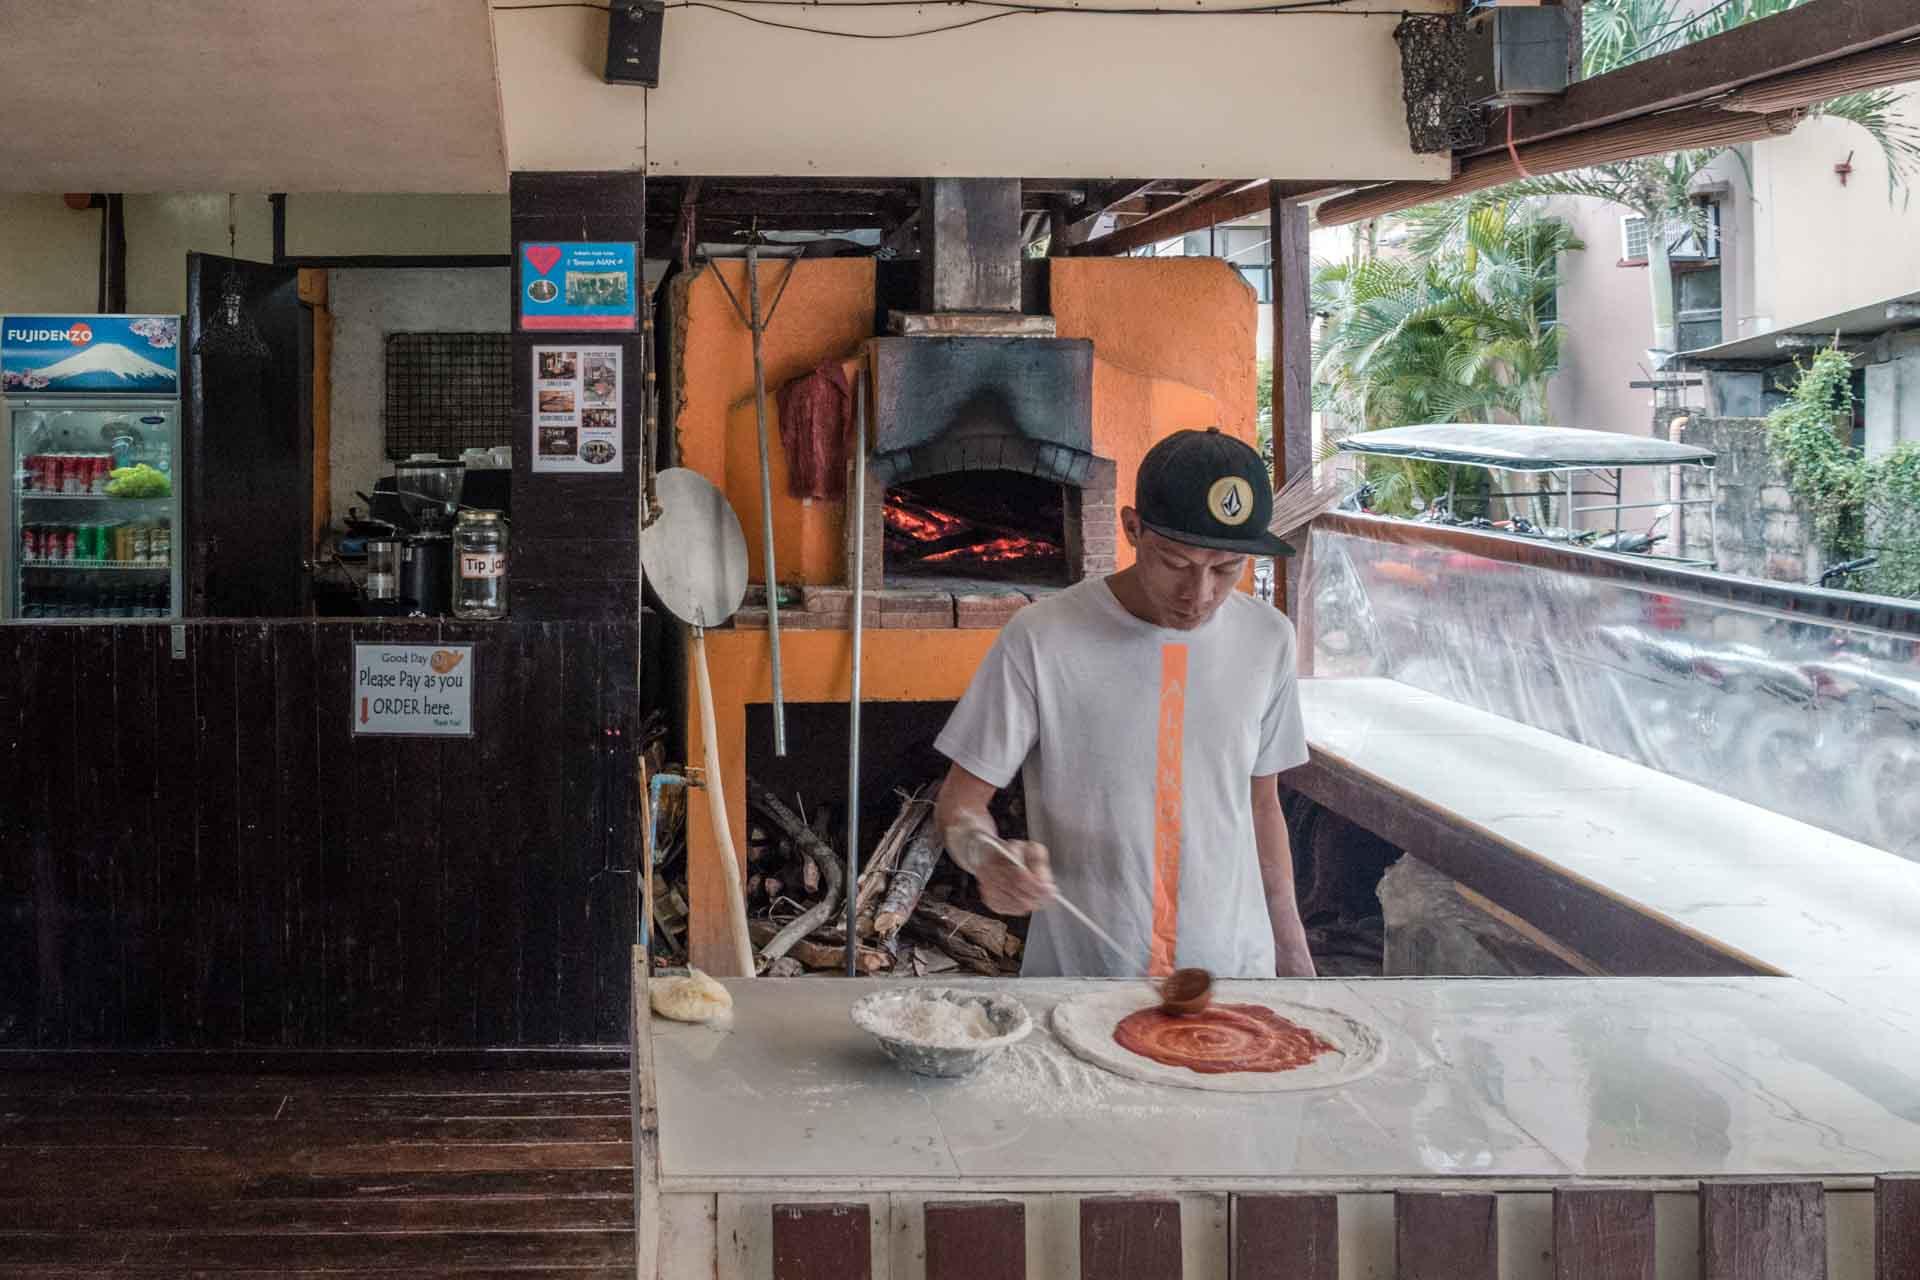 Pizza from Altrove in El Nido